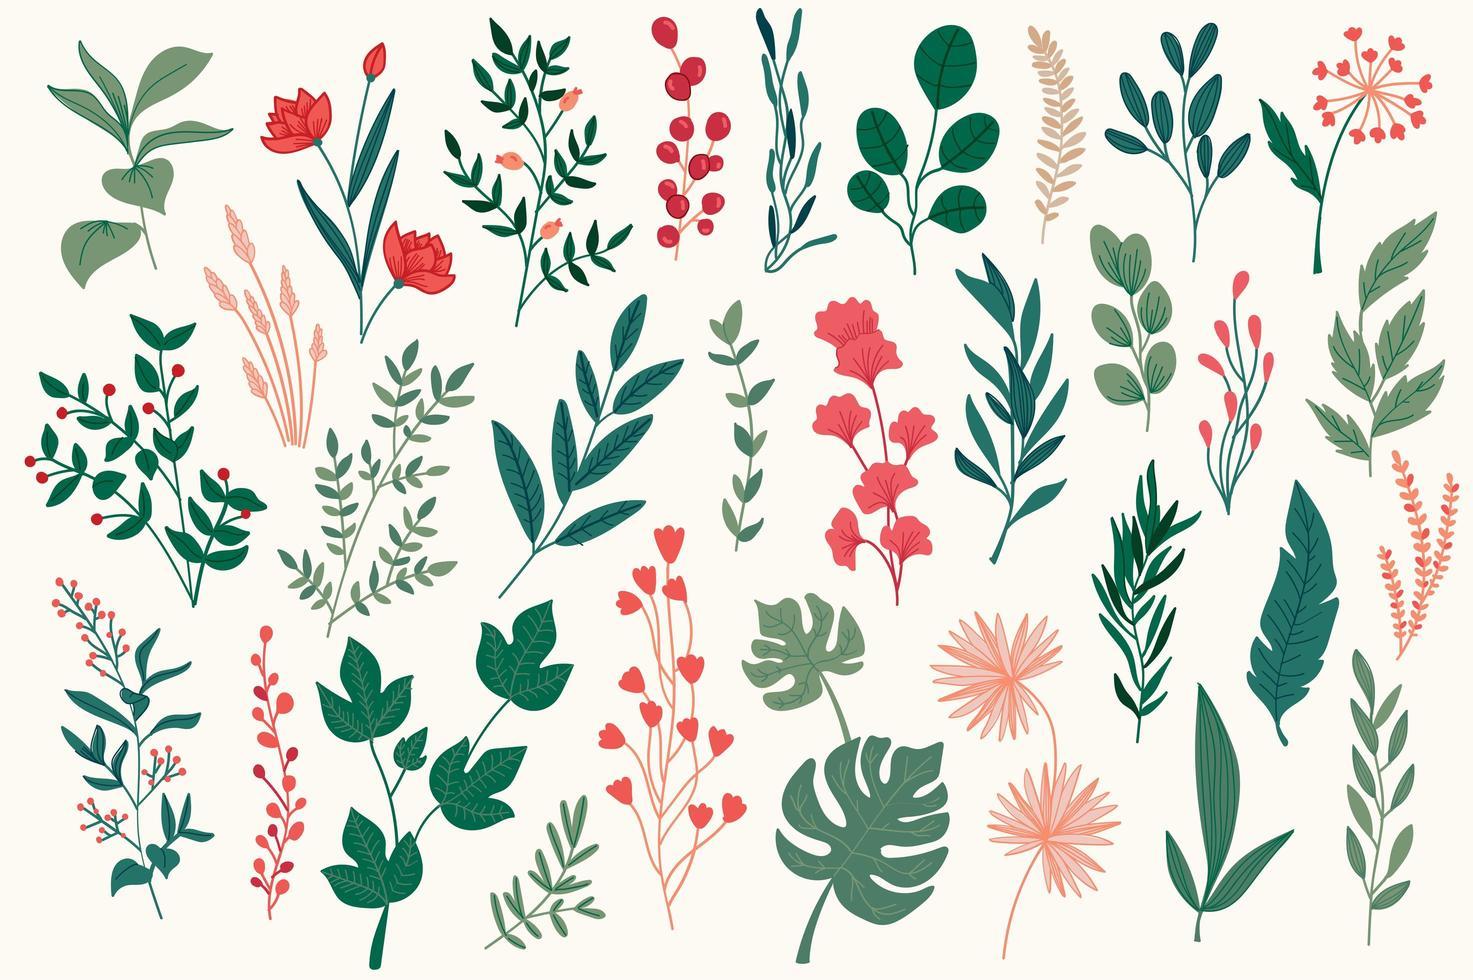 elementos botânicos, pacote gráfico desenhado à mão. vetor